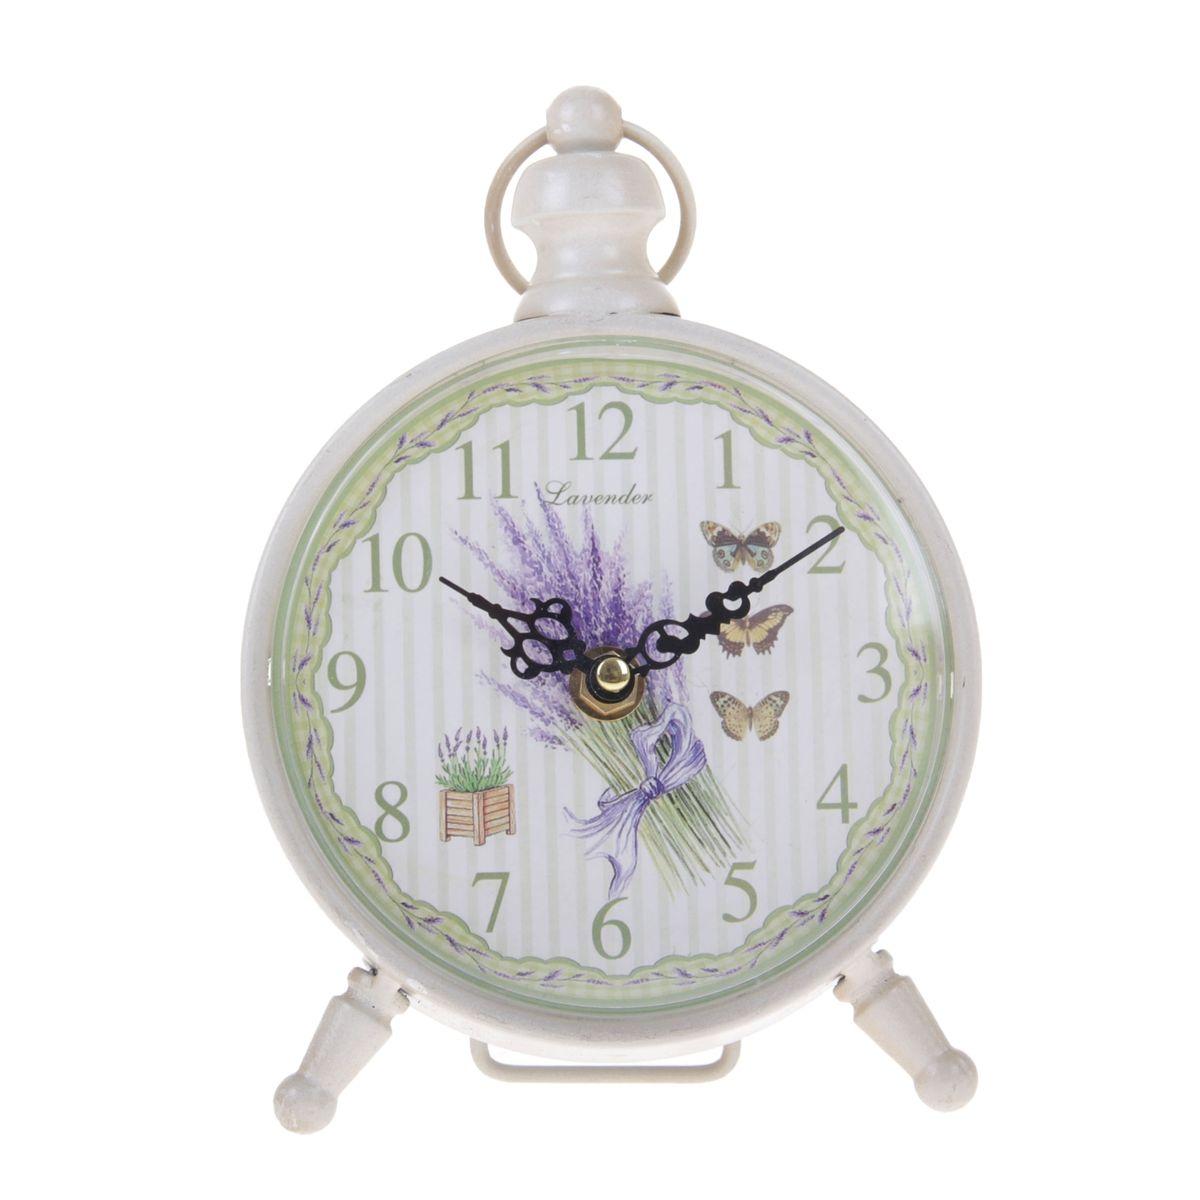 Часы настольные Sima-land Лаванда и бабочки300074_ежевикаНастольные часы Sima-land Лаванда и бабочки станут оригинальным элементом декора в доме или офисе. Часы, изготовленные из высококачественного металла и пластика, выполнены в виде будильника. Циферблат круглой формы, имеет крупные арабские цифры. Часы имеют две стрелки - часовую и минутную. Изделие располагается на металлических ножках.Настольные часы Sima-land Лаванда и бабочки станут не только оригинальным украшением стола, но и прекрасным подарком, который обязательно понравится получателю. Часы работают от одной батарейки с напряжением 1,5 V (в комплект не входит).Диаметр циферблата: 12,5 см.Общий размер часов: 20 см х 7 см х 18,5 см.